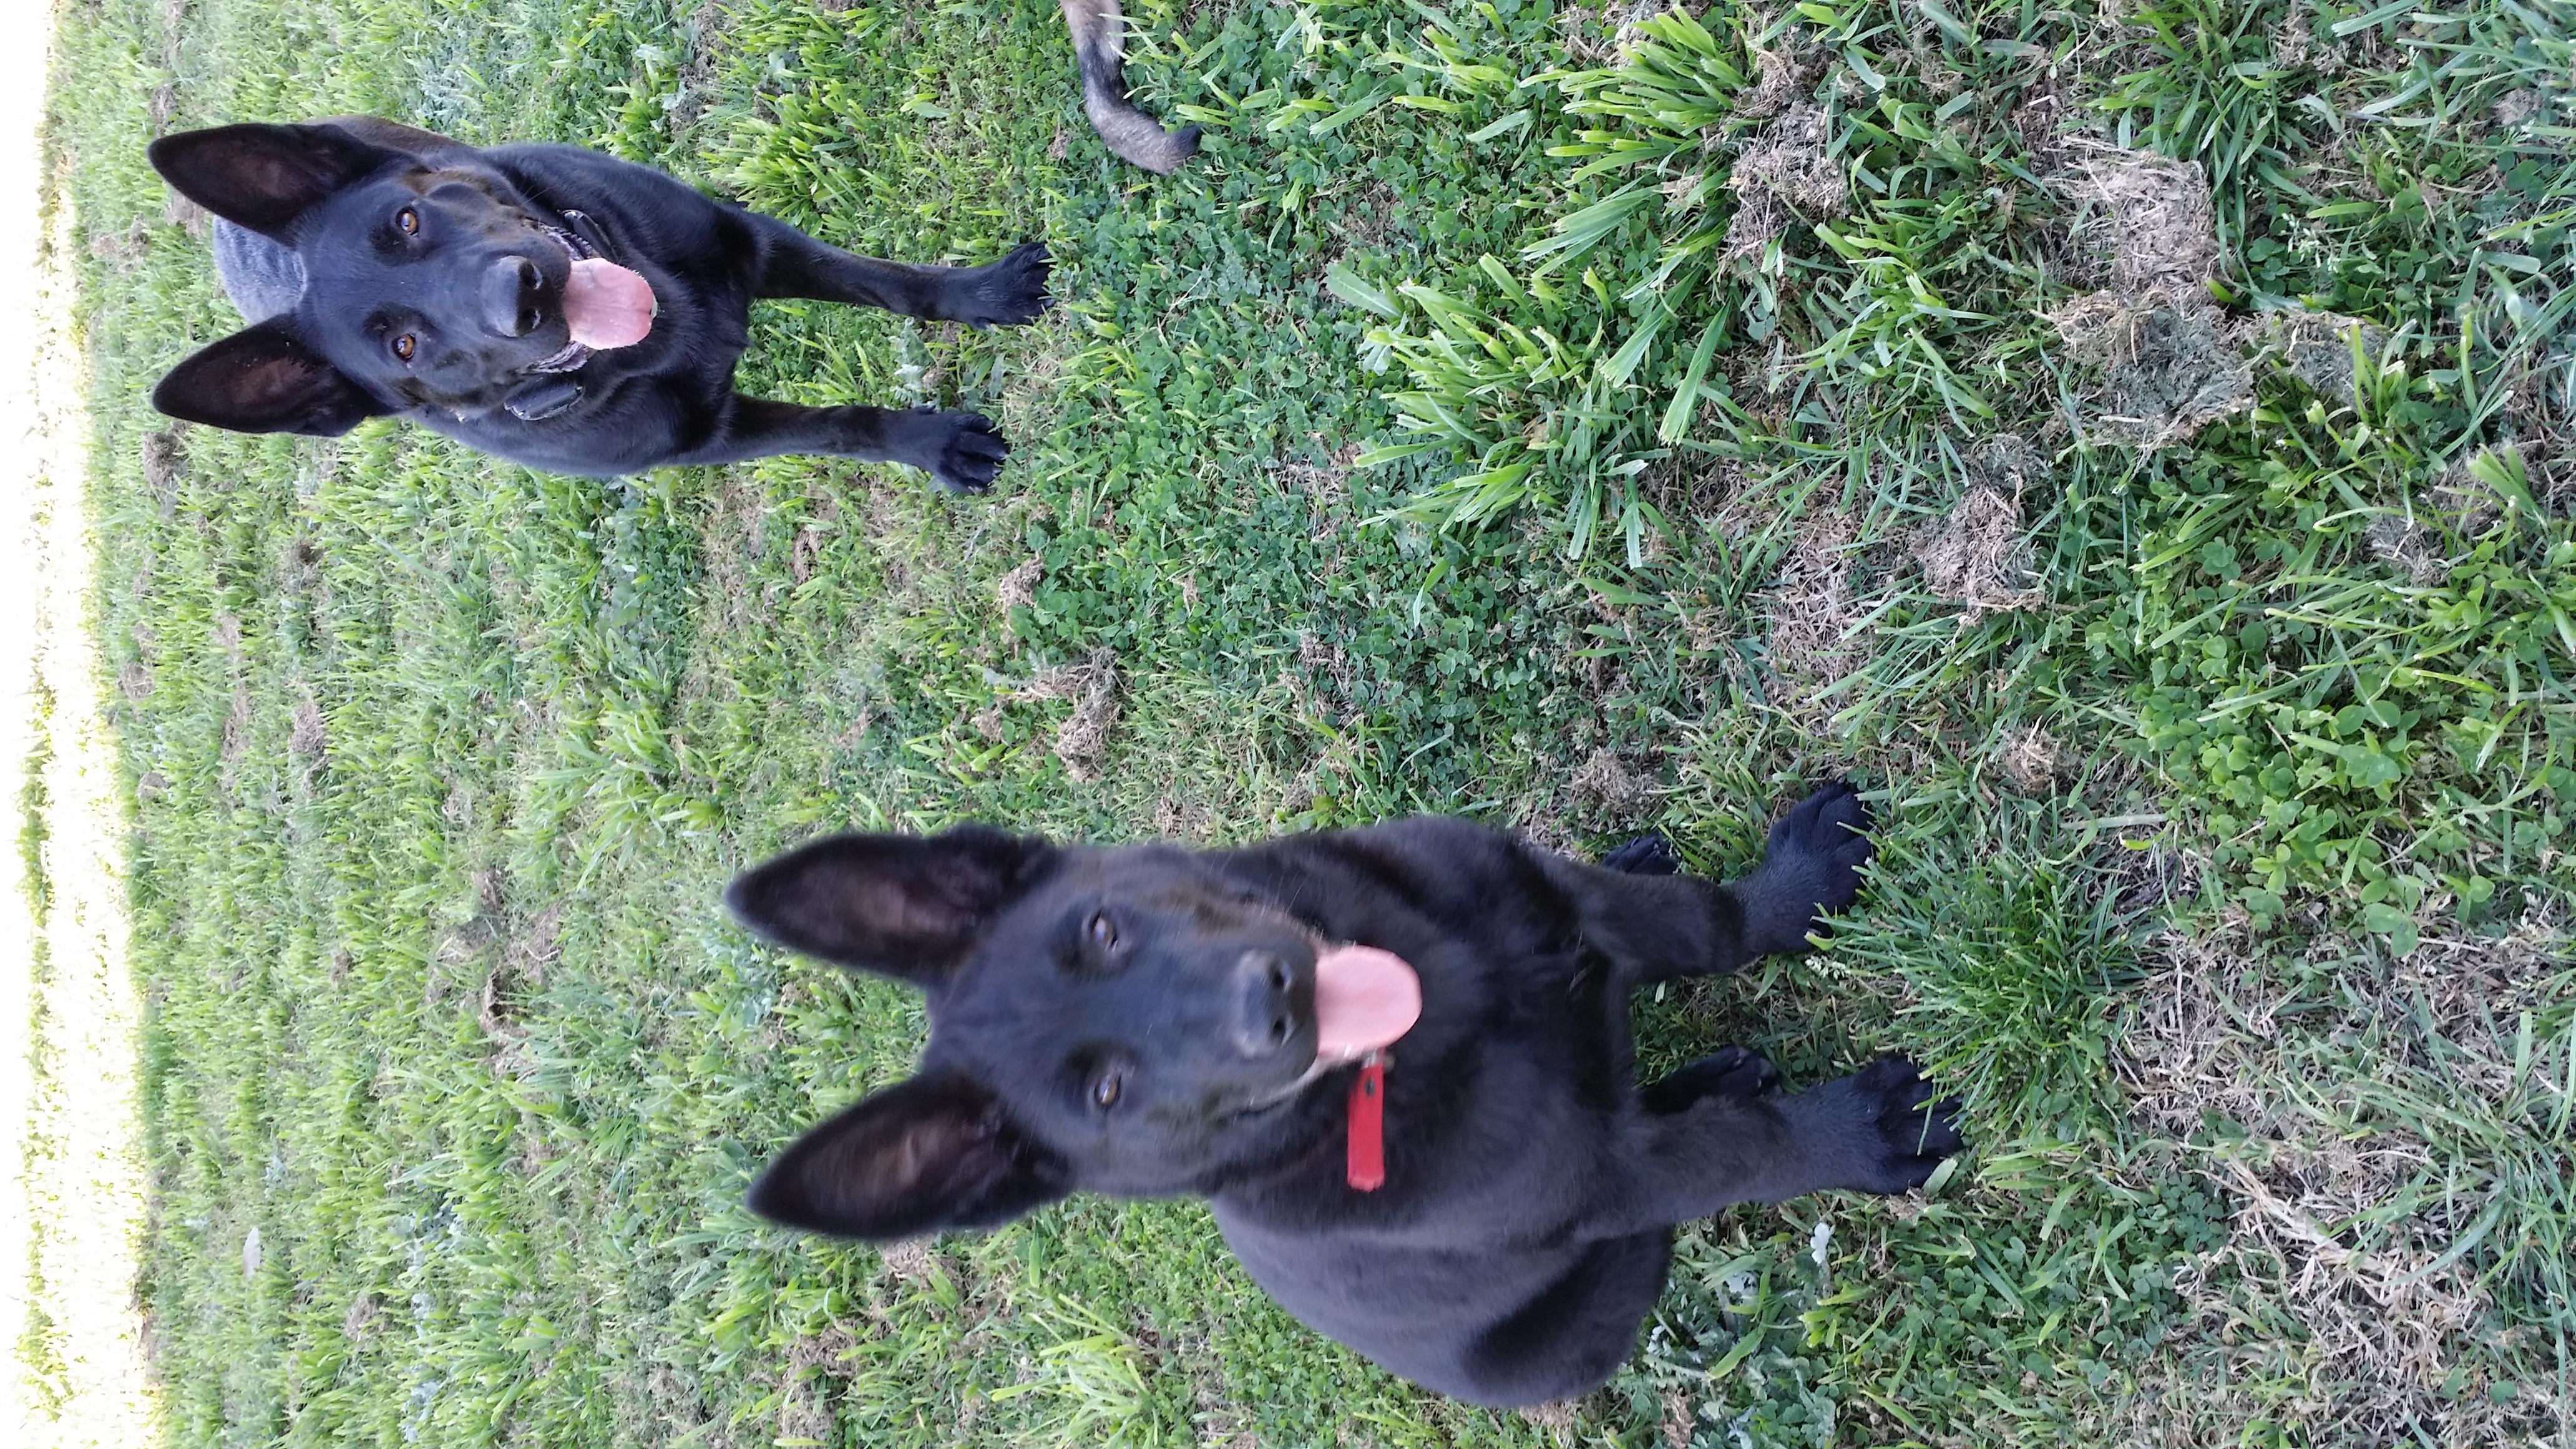 VonBIOS puppies gallery image